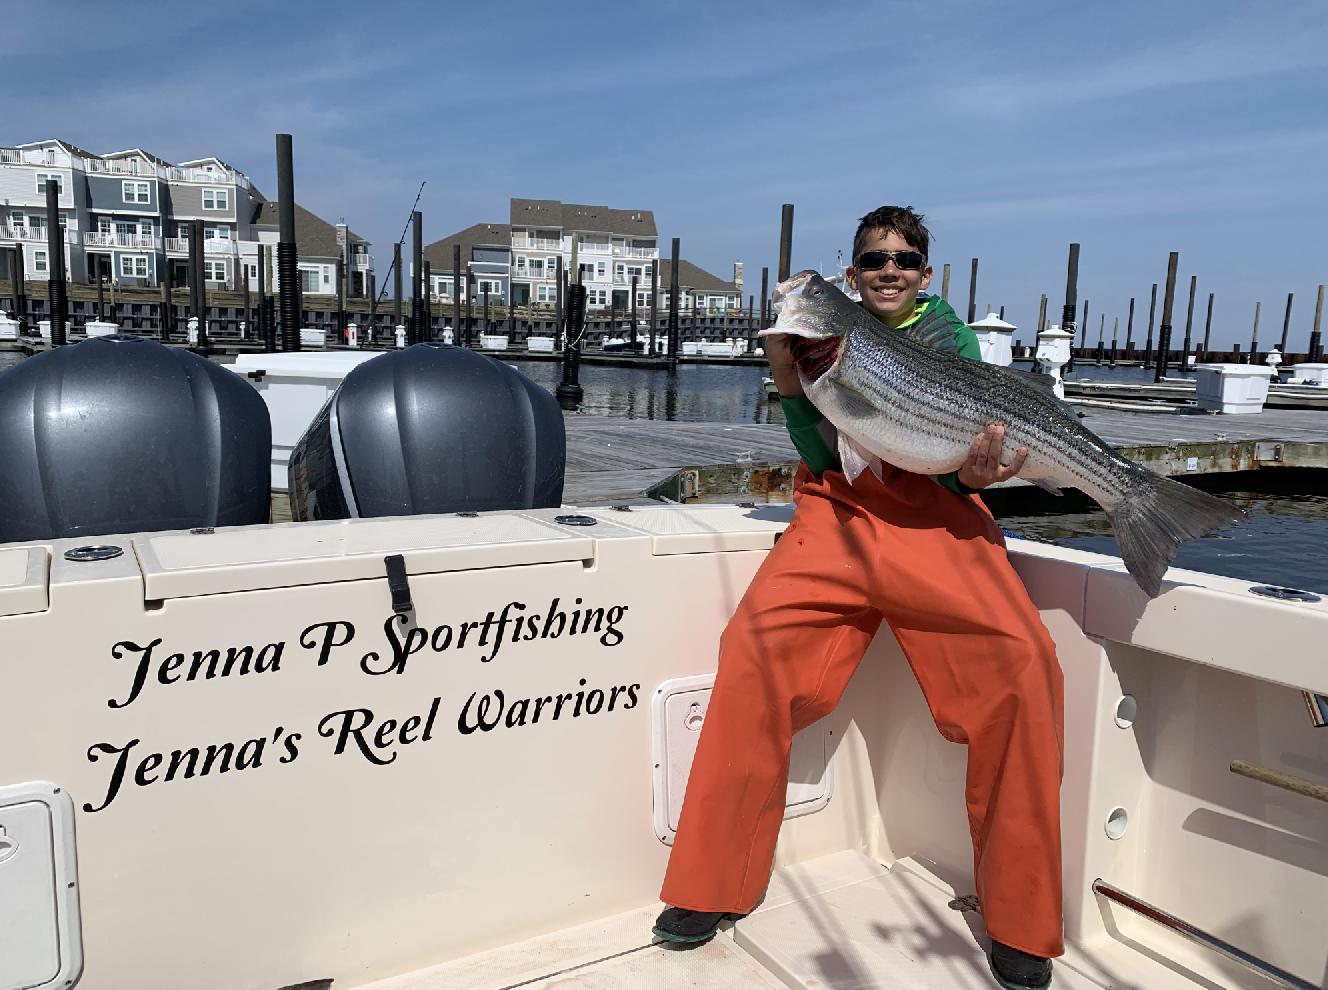 Jenna P Sportfishing sandy hook